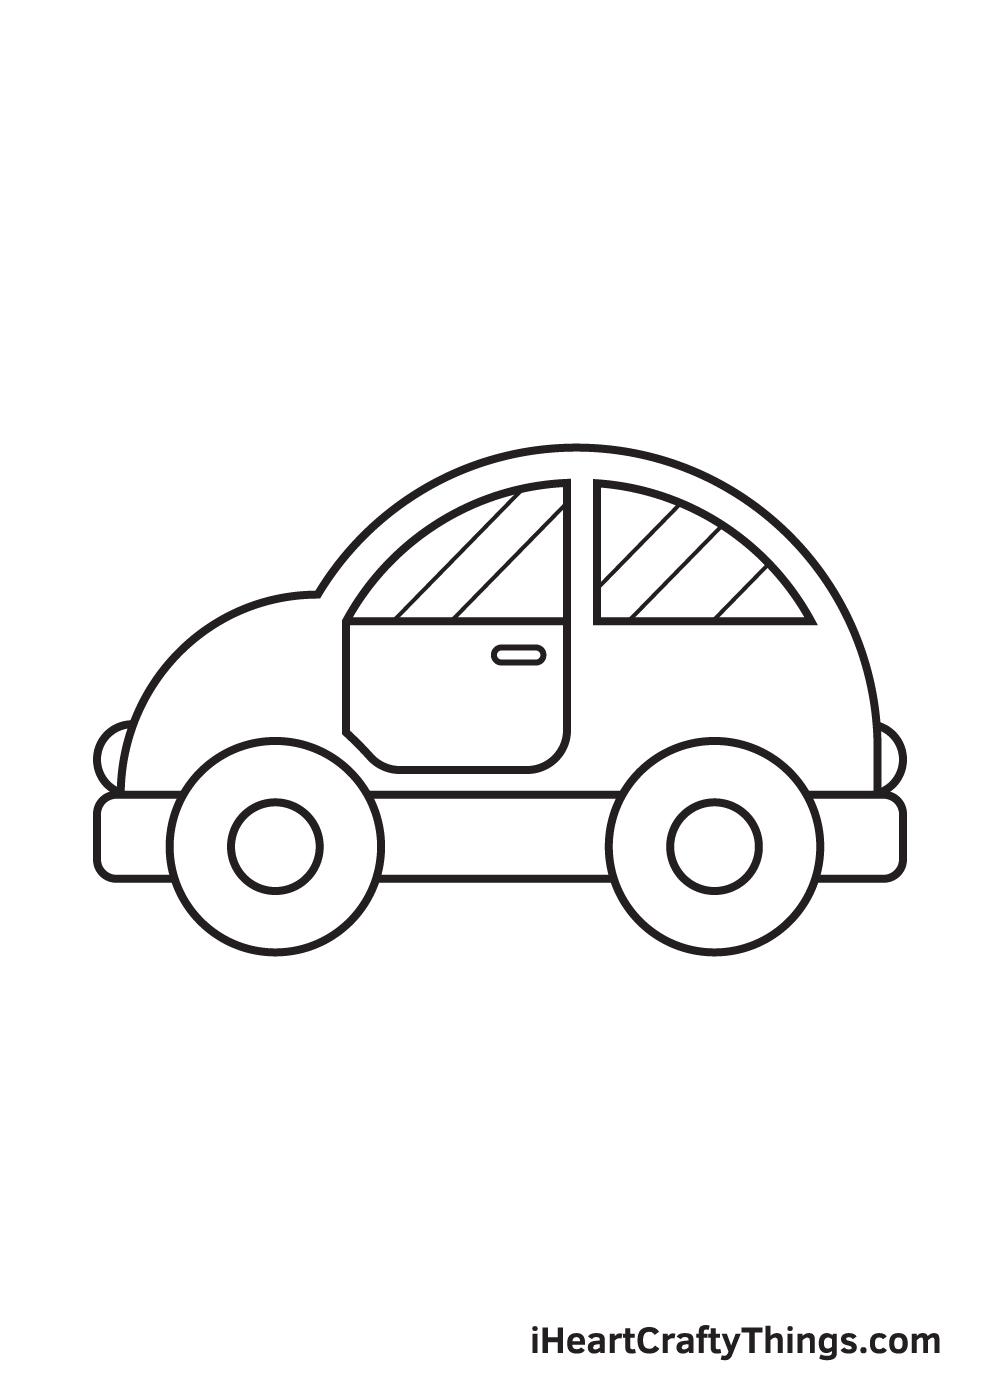 bản vẽ ô tô - bước 9